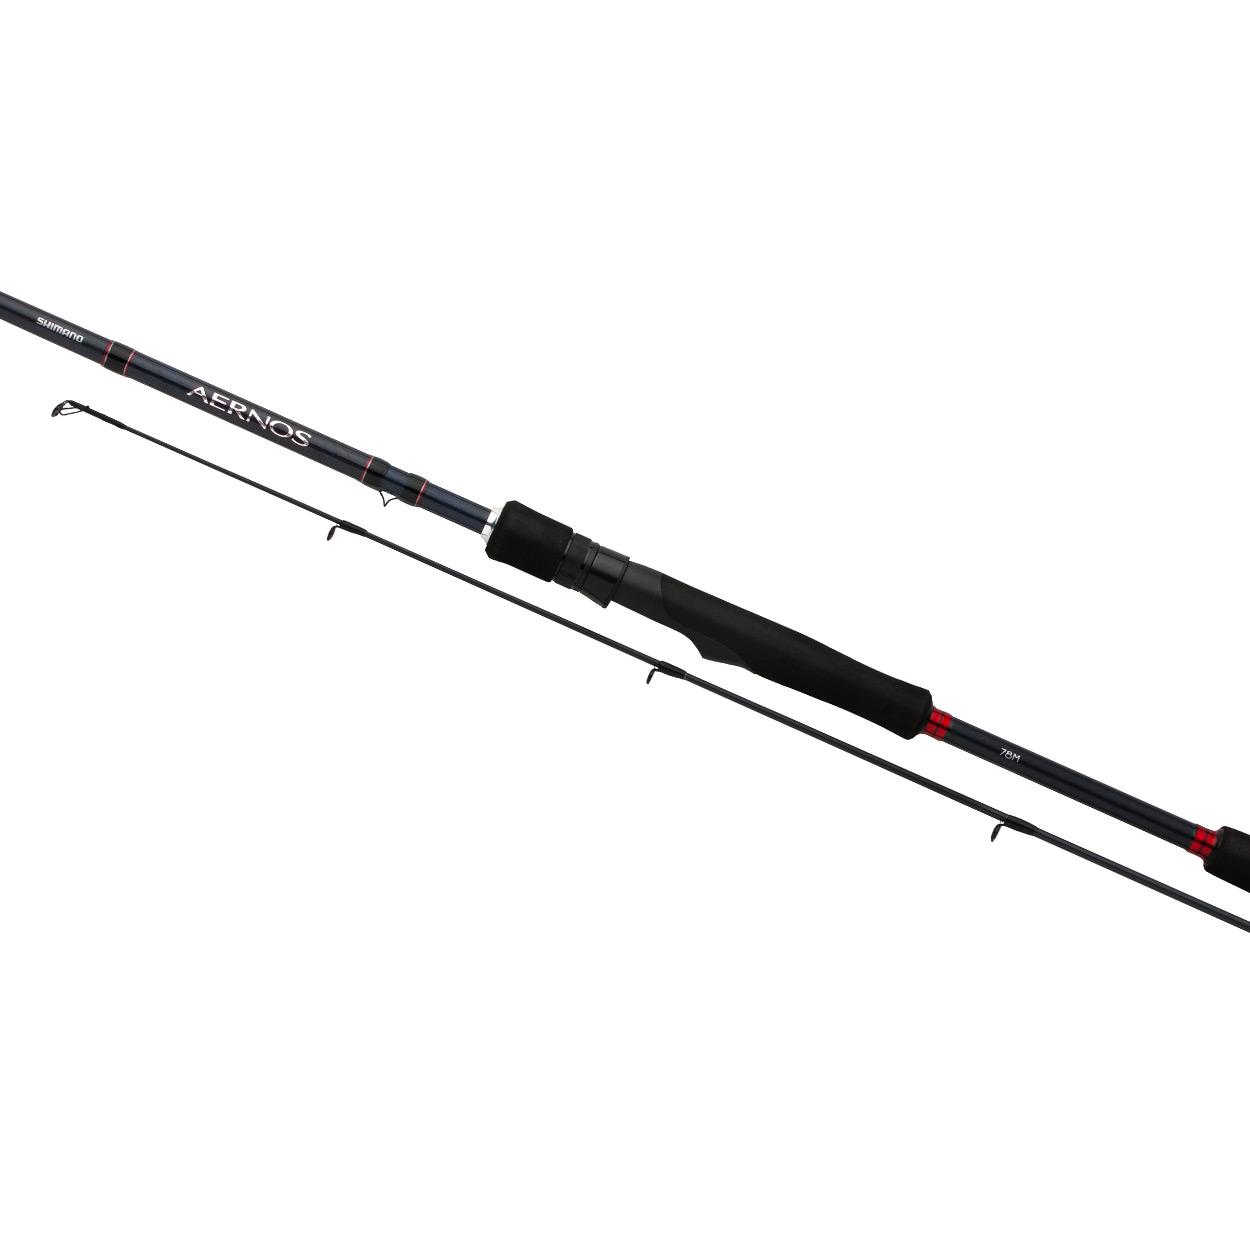 Удилище спиннинговое SHIMANO AERNOS AX SPIN 7`10 MH (+ Леска в подарок!) цена